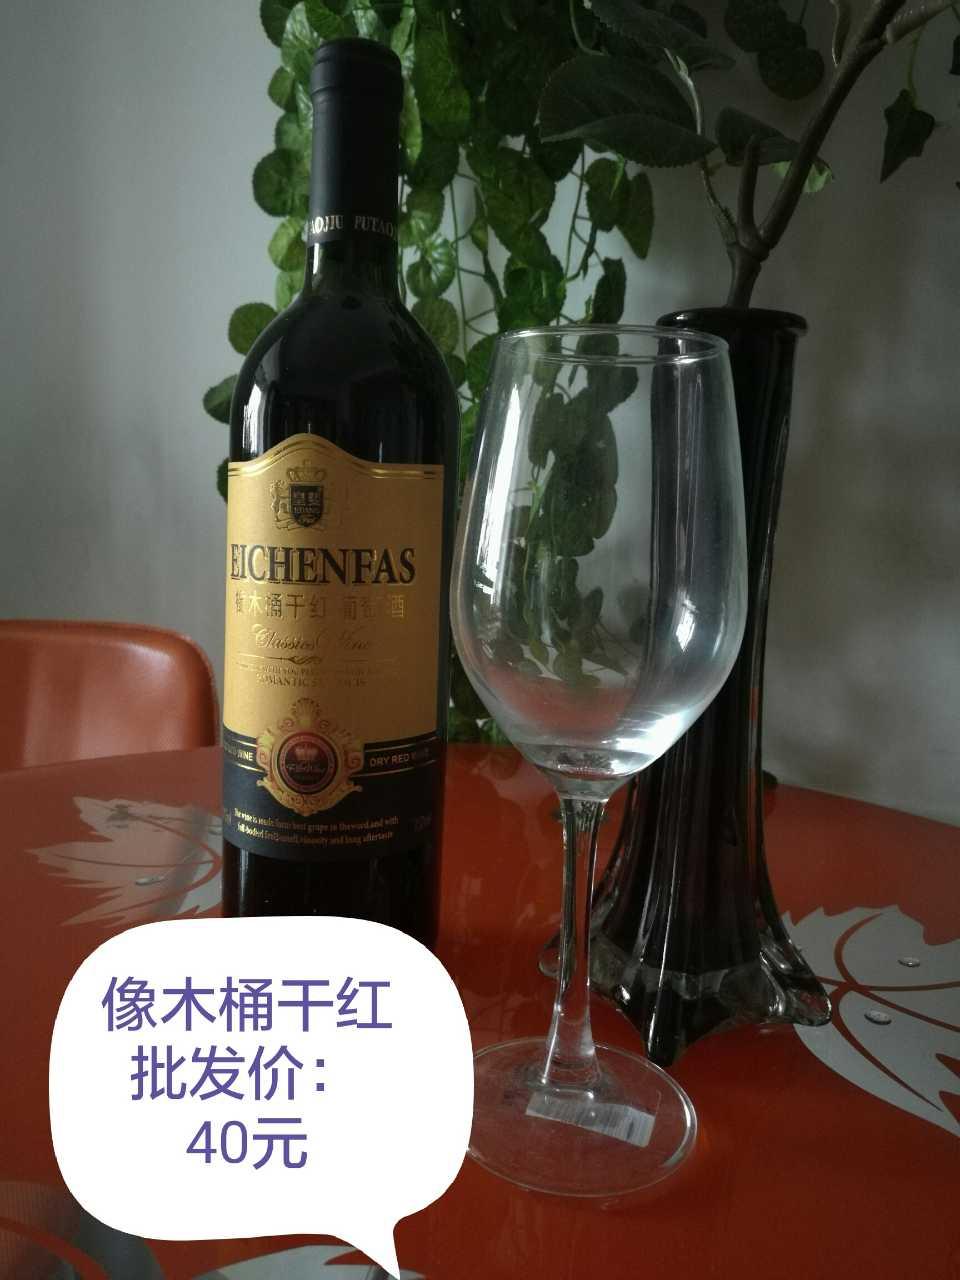 来自朱伟发布的供应信息:... - 芜湖旭睿商贸有限公司